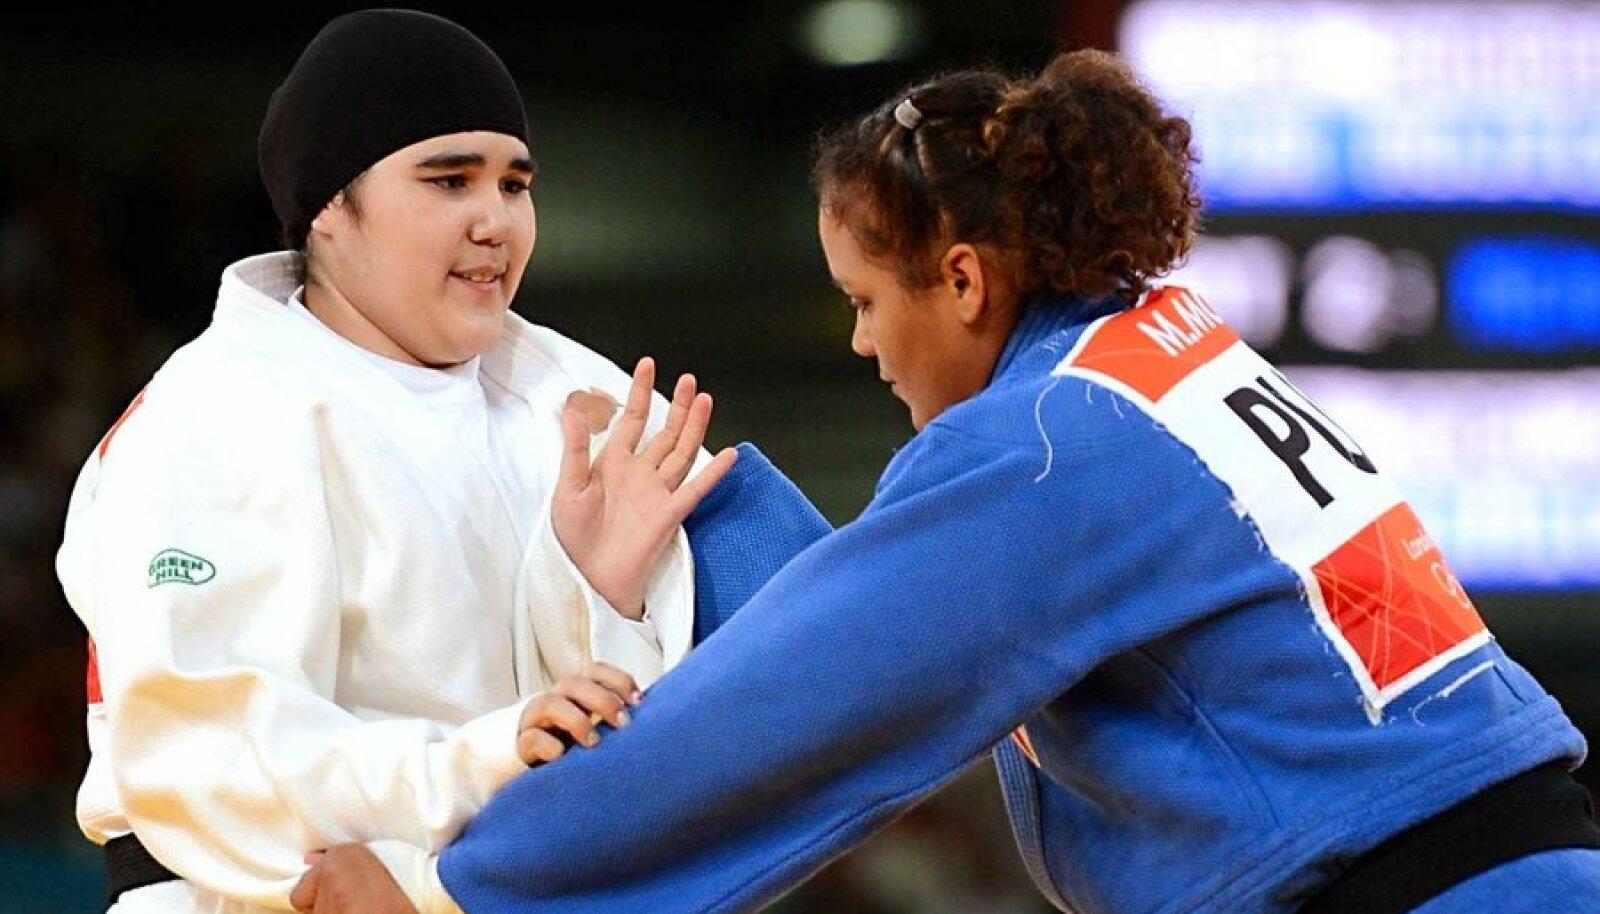 Kombekalt kaetud: Wojdan Shaherkani (vasakul) on esimene Saudi Araabia naissportlane olümpial. (Foto: Scanpix)